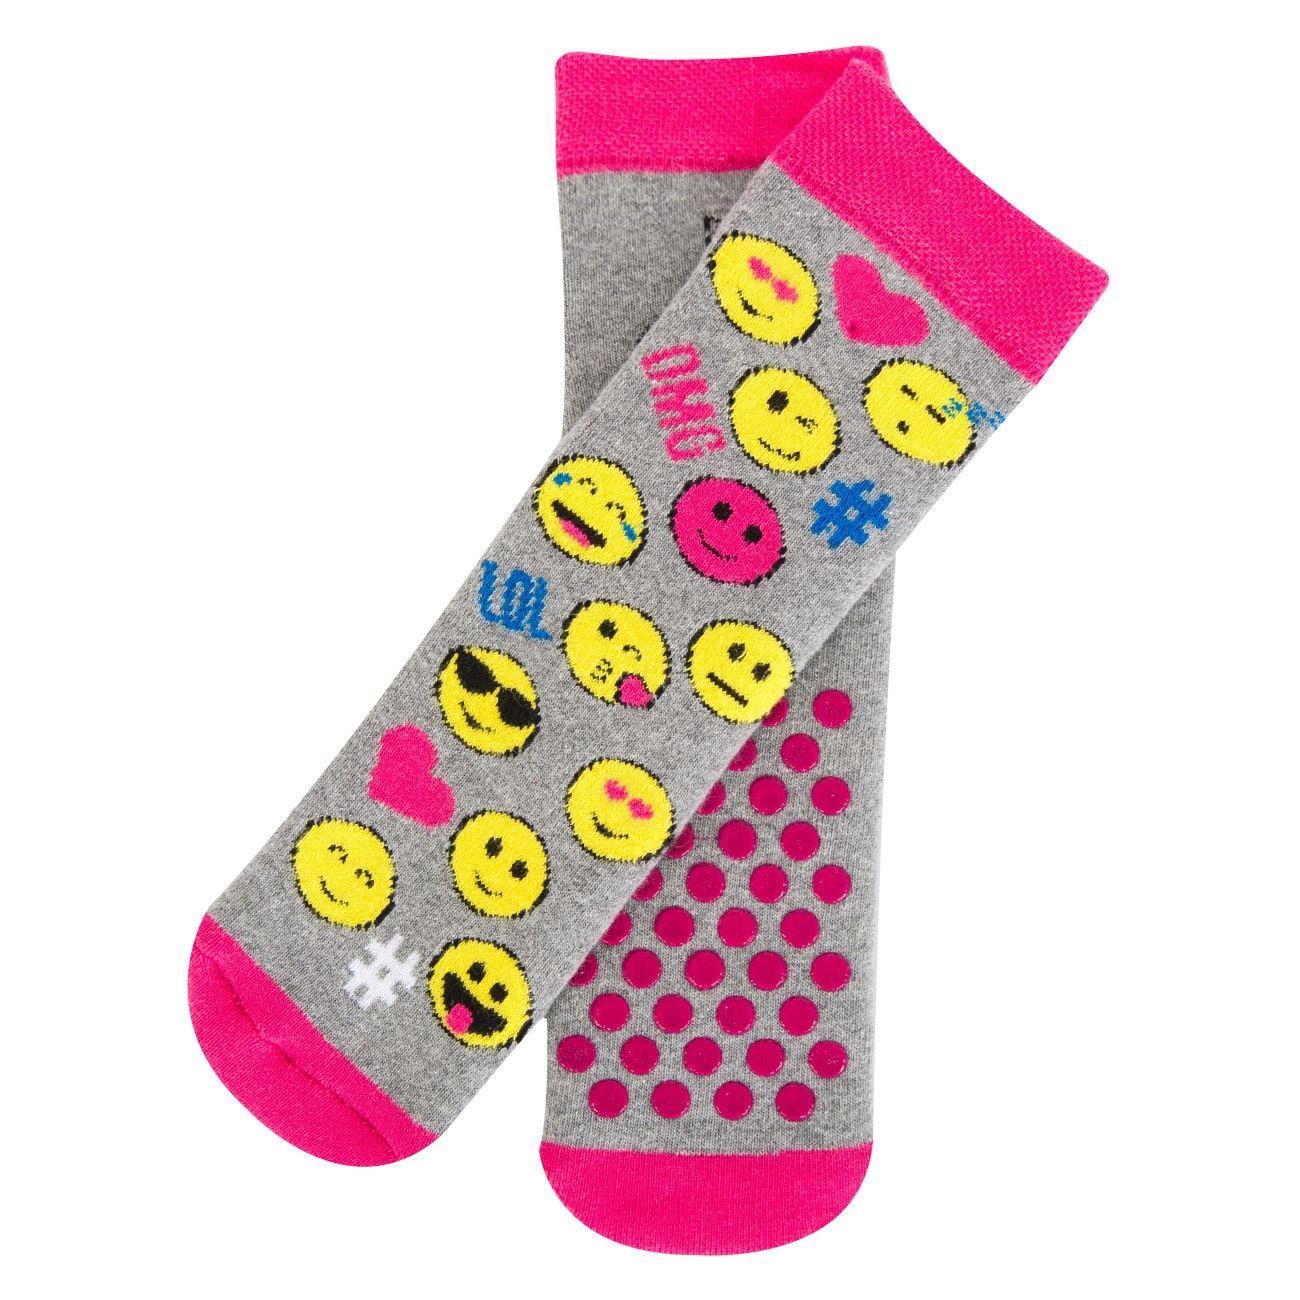 Κάλτσες Παιδικές Αντιολισθητικές EMOTICONS - 1 ζευγ.   Κάλτσες ... b9afc46709d